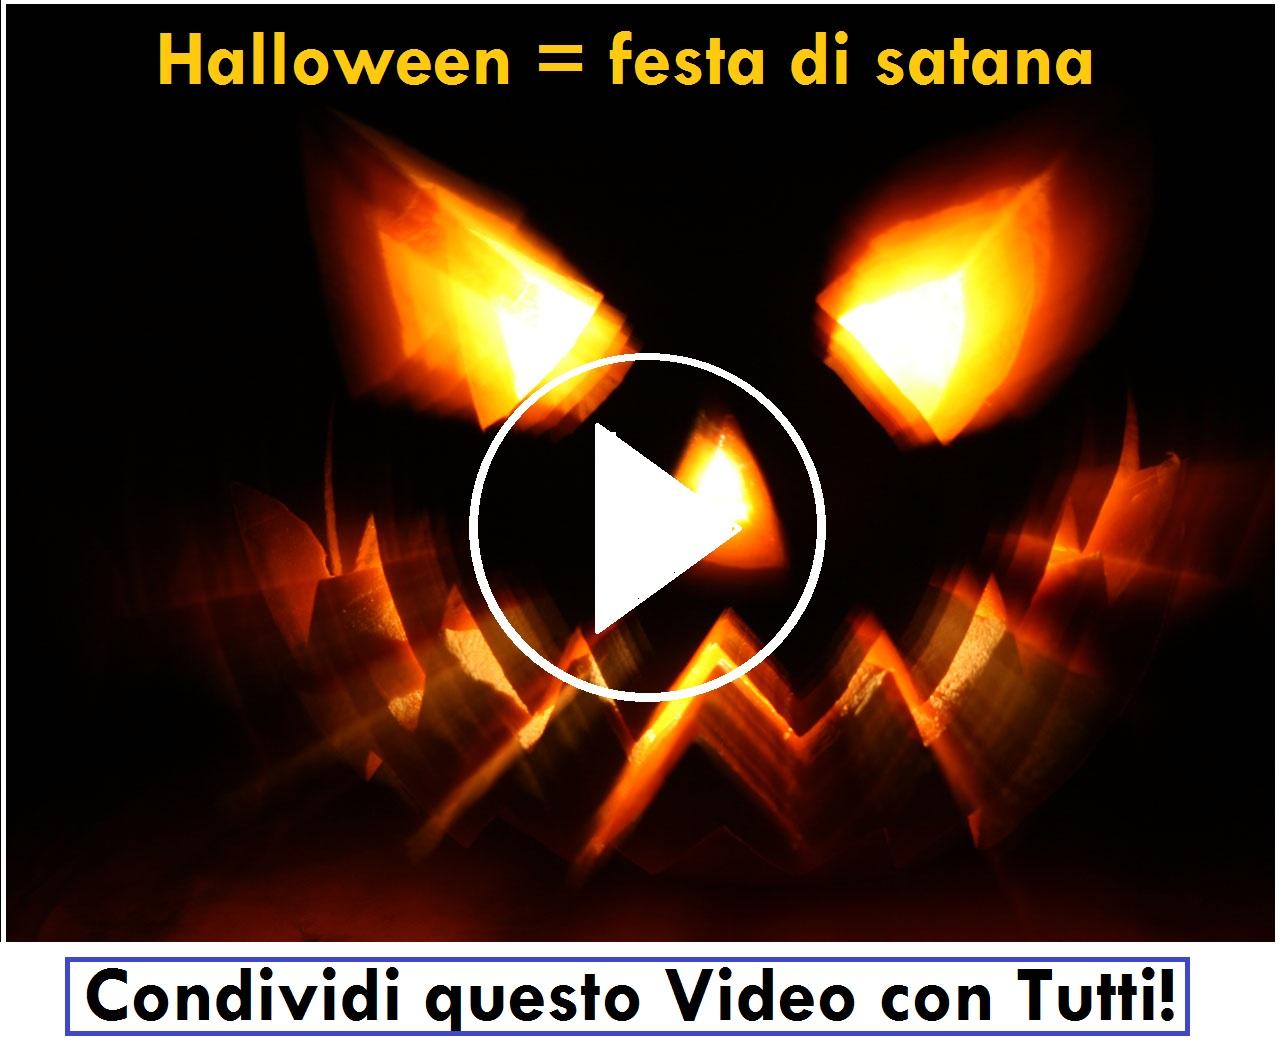 Ecco perchè chi festeggia Halloween attira su di se satana!